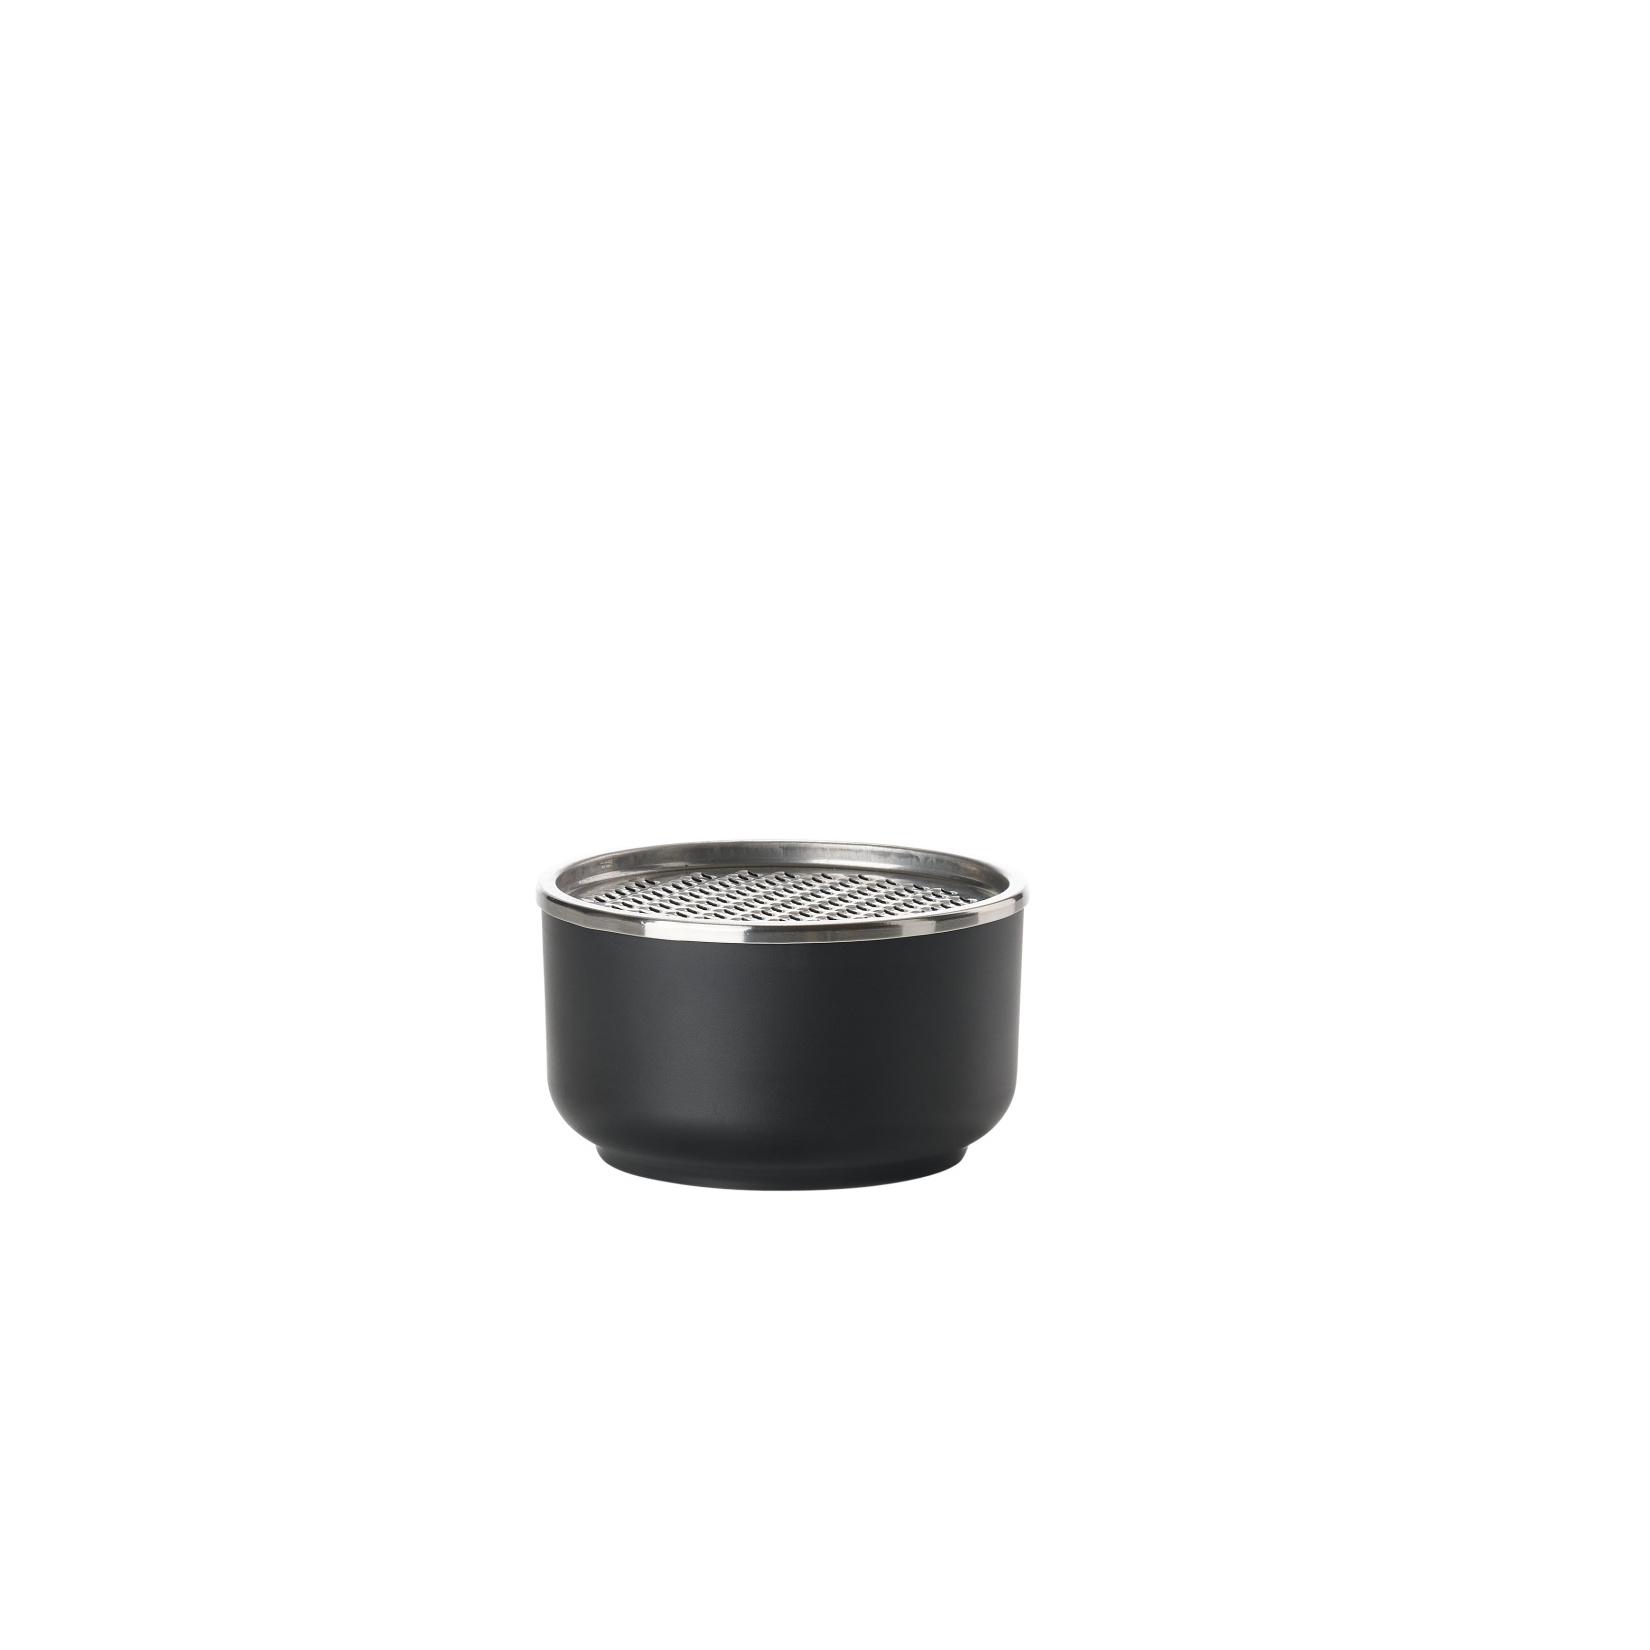 Servírovací mísa se struhadlem 0,5 l, černá, Peili - Zone Denmark